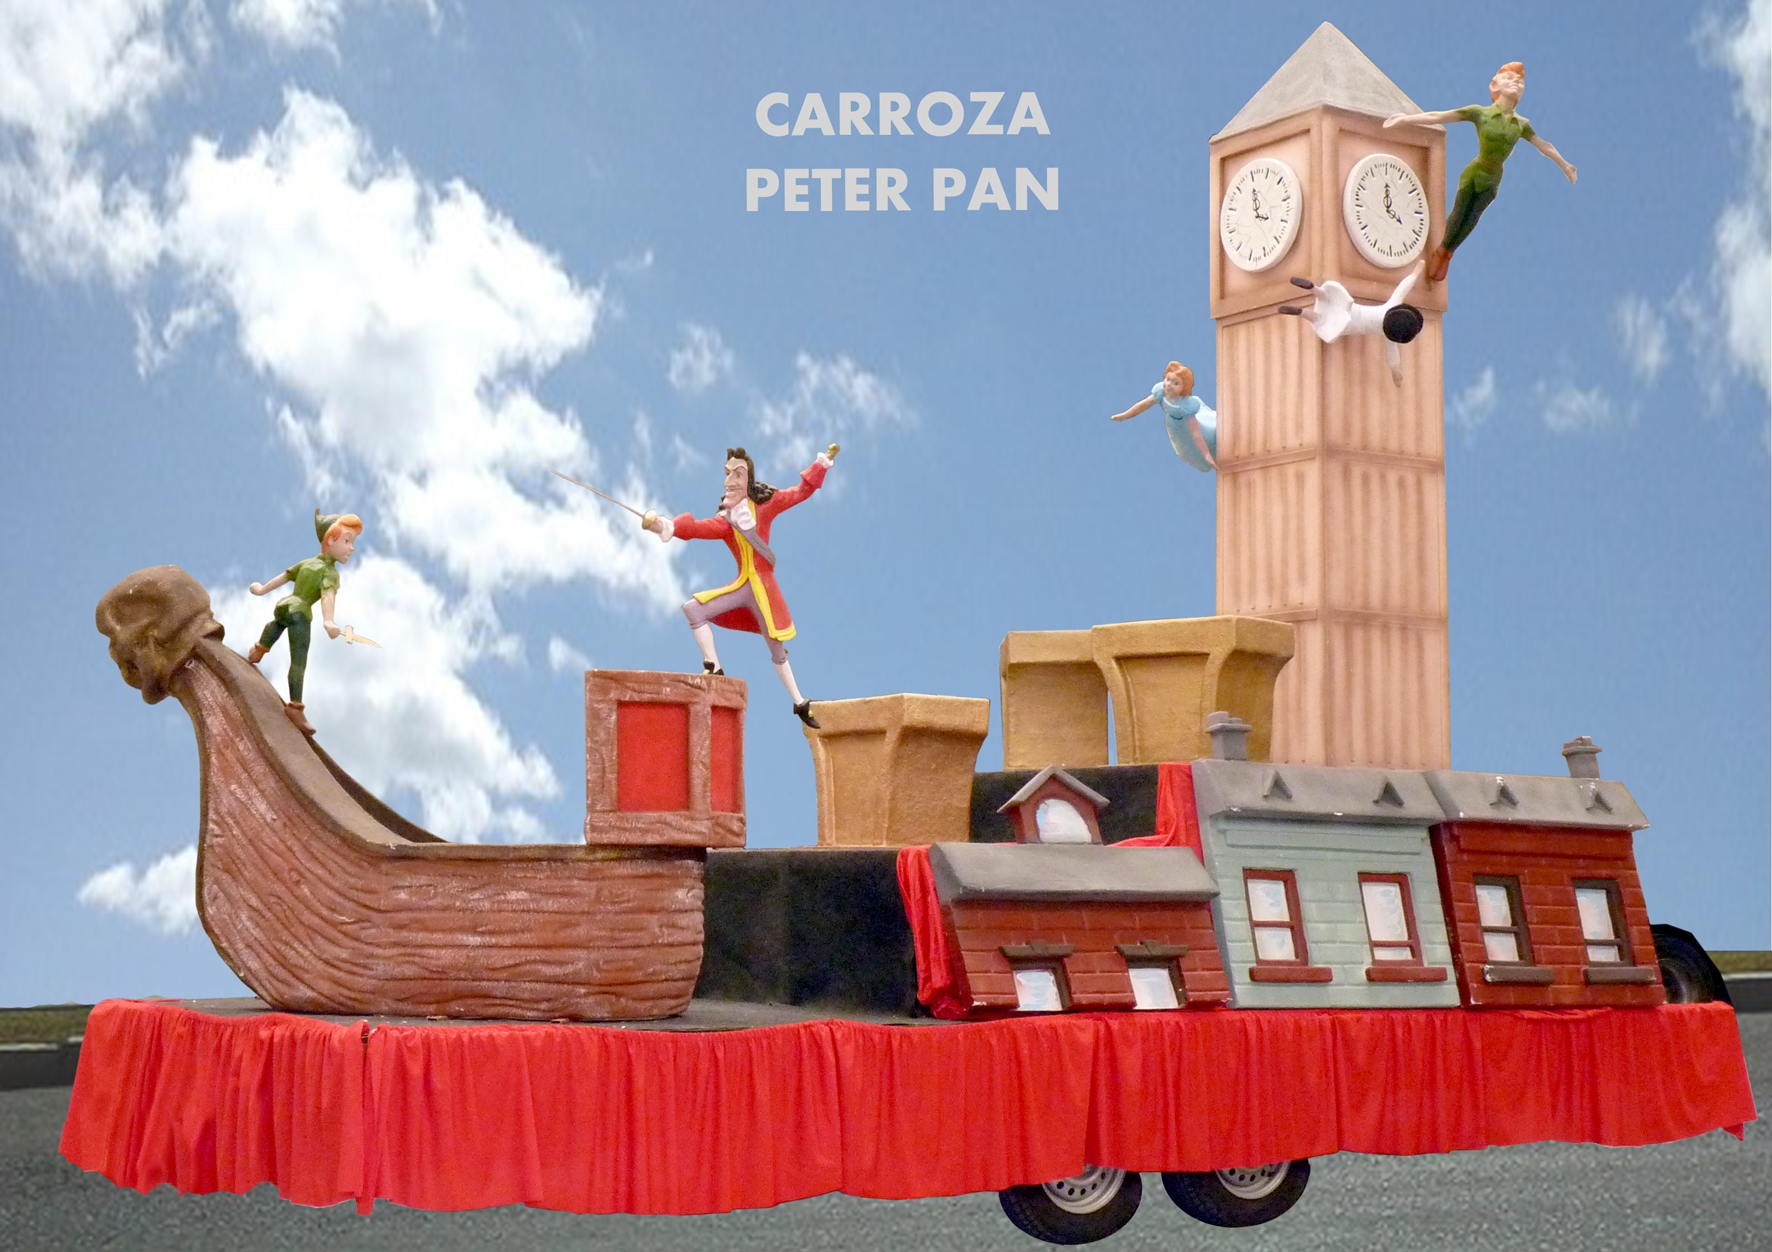 Carroza con el Big Ben, Peter Pan, el Capitán Garfio, etc